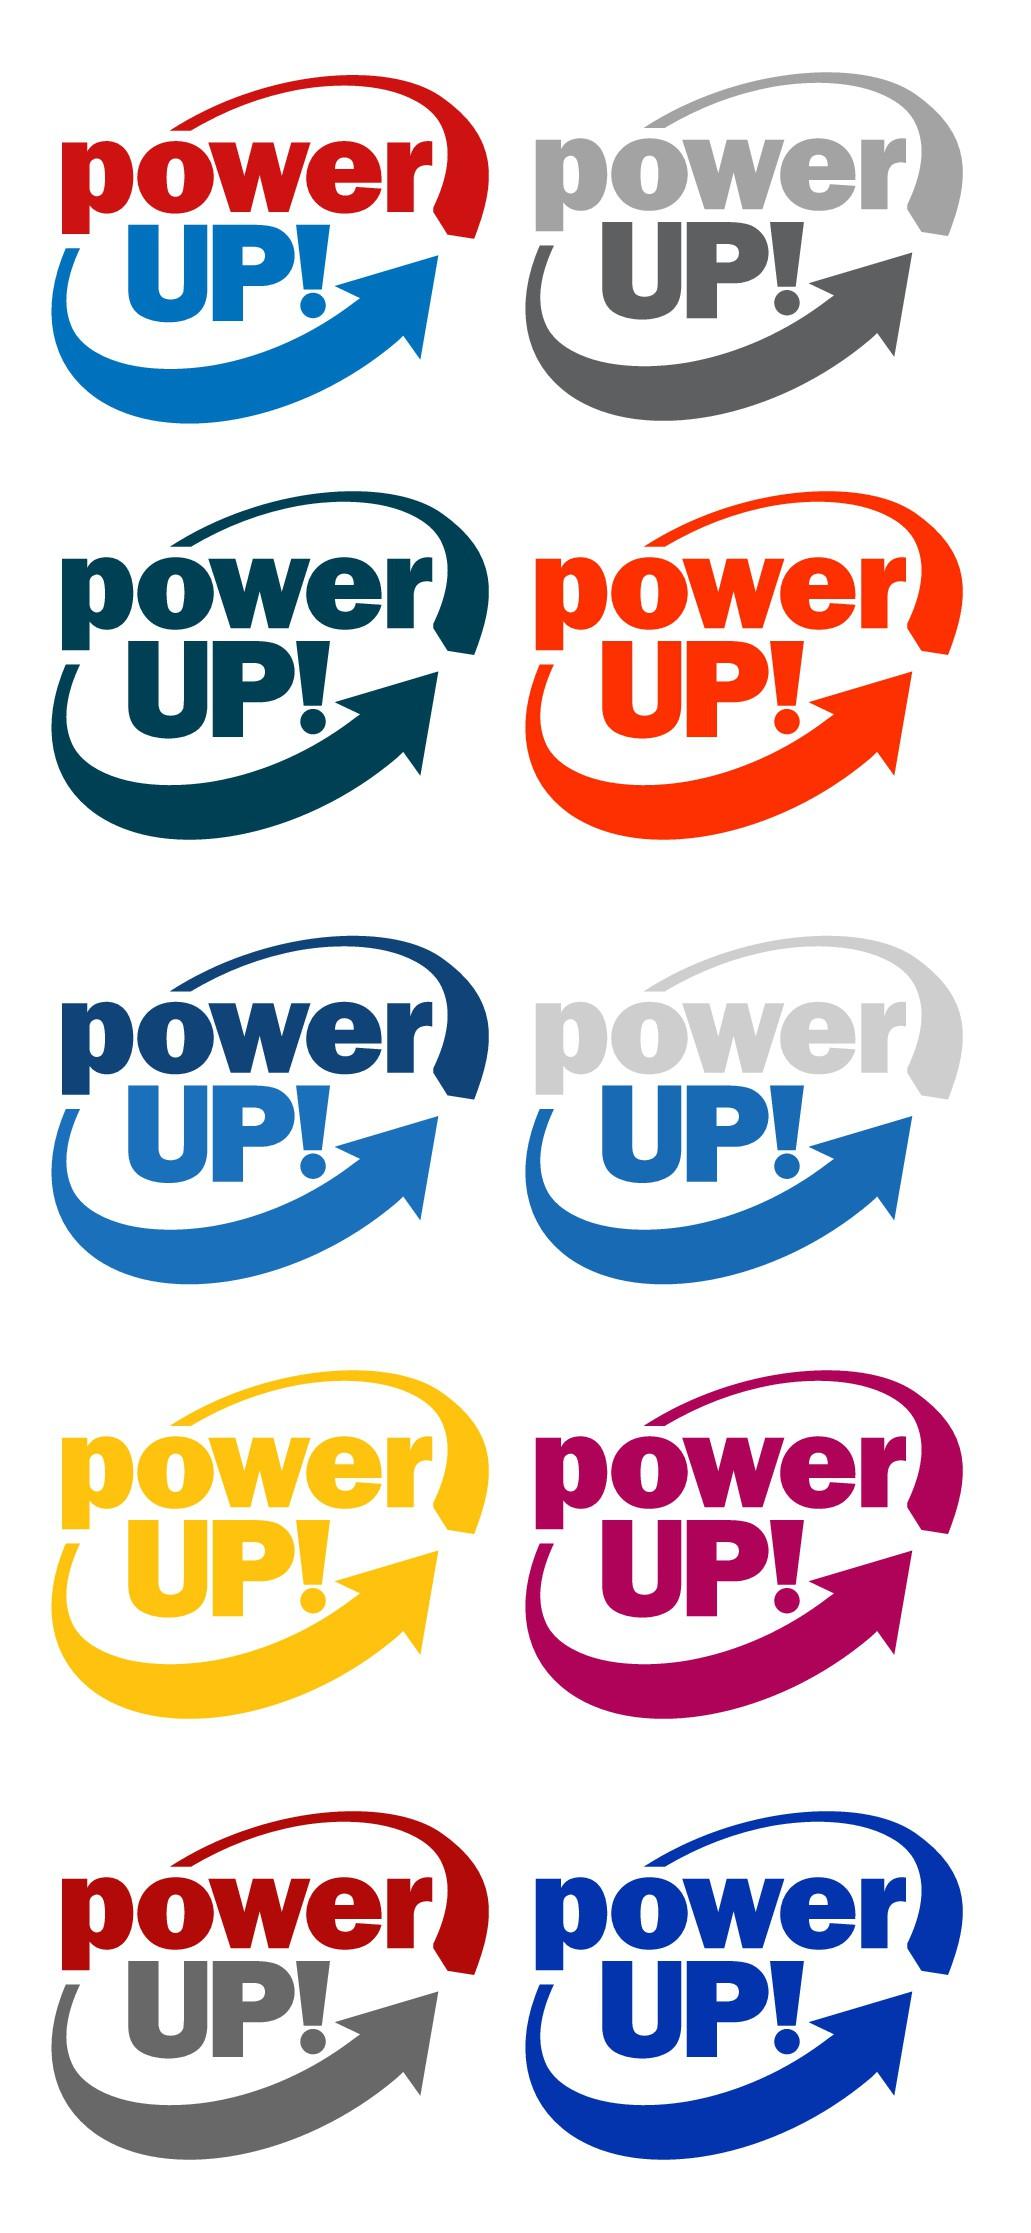 PowerUP Logo Re-Design